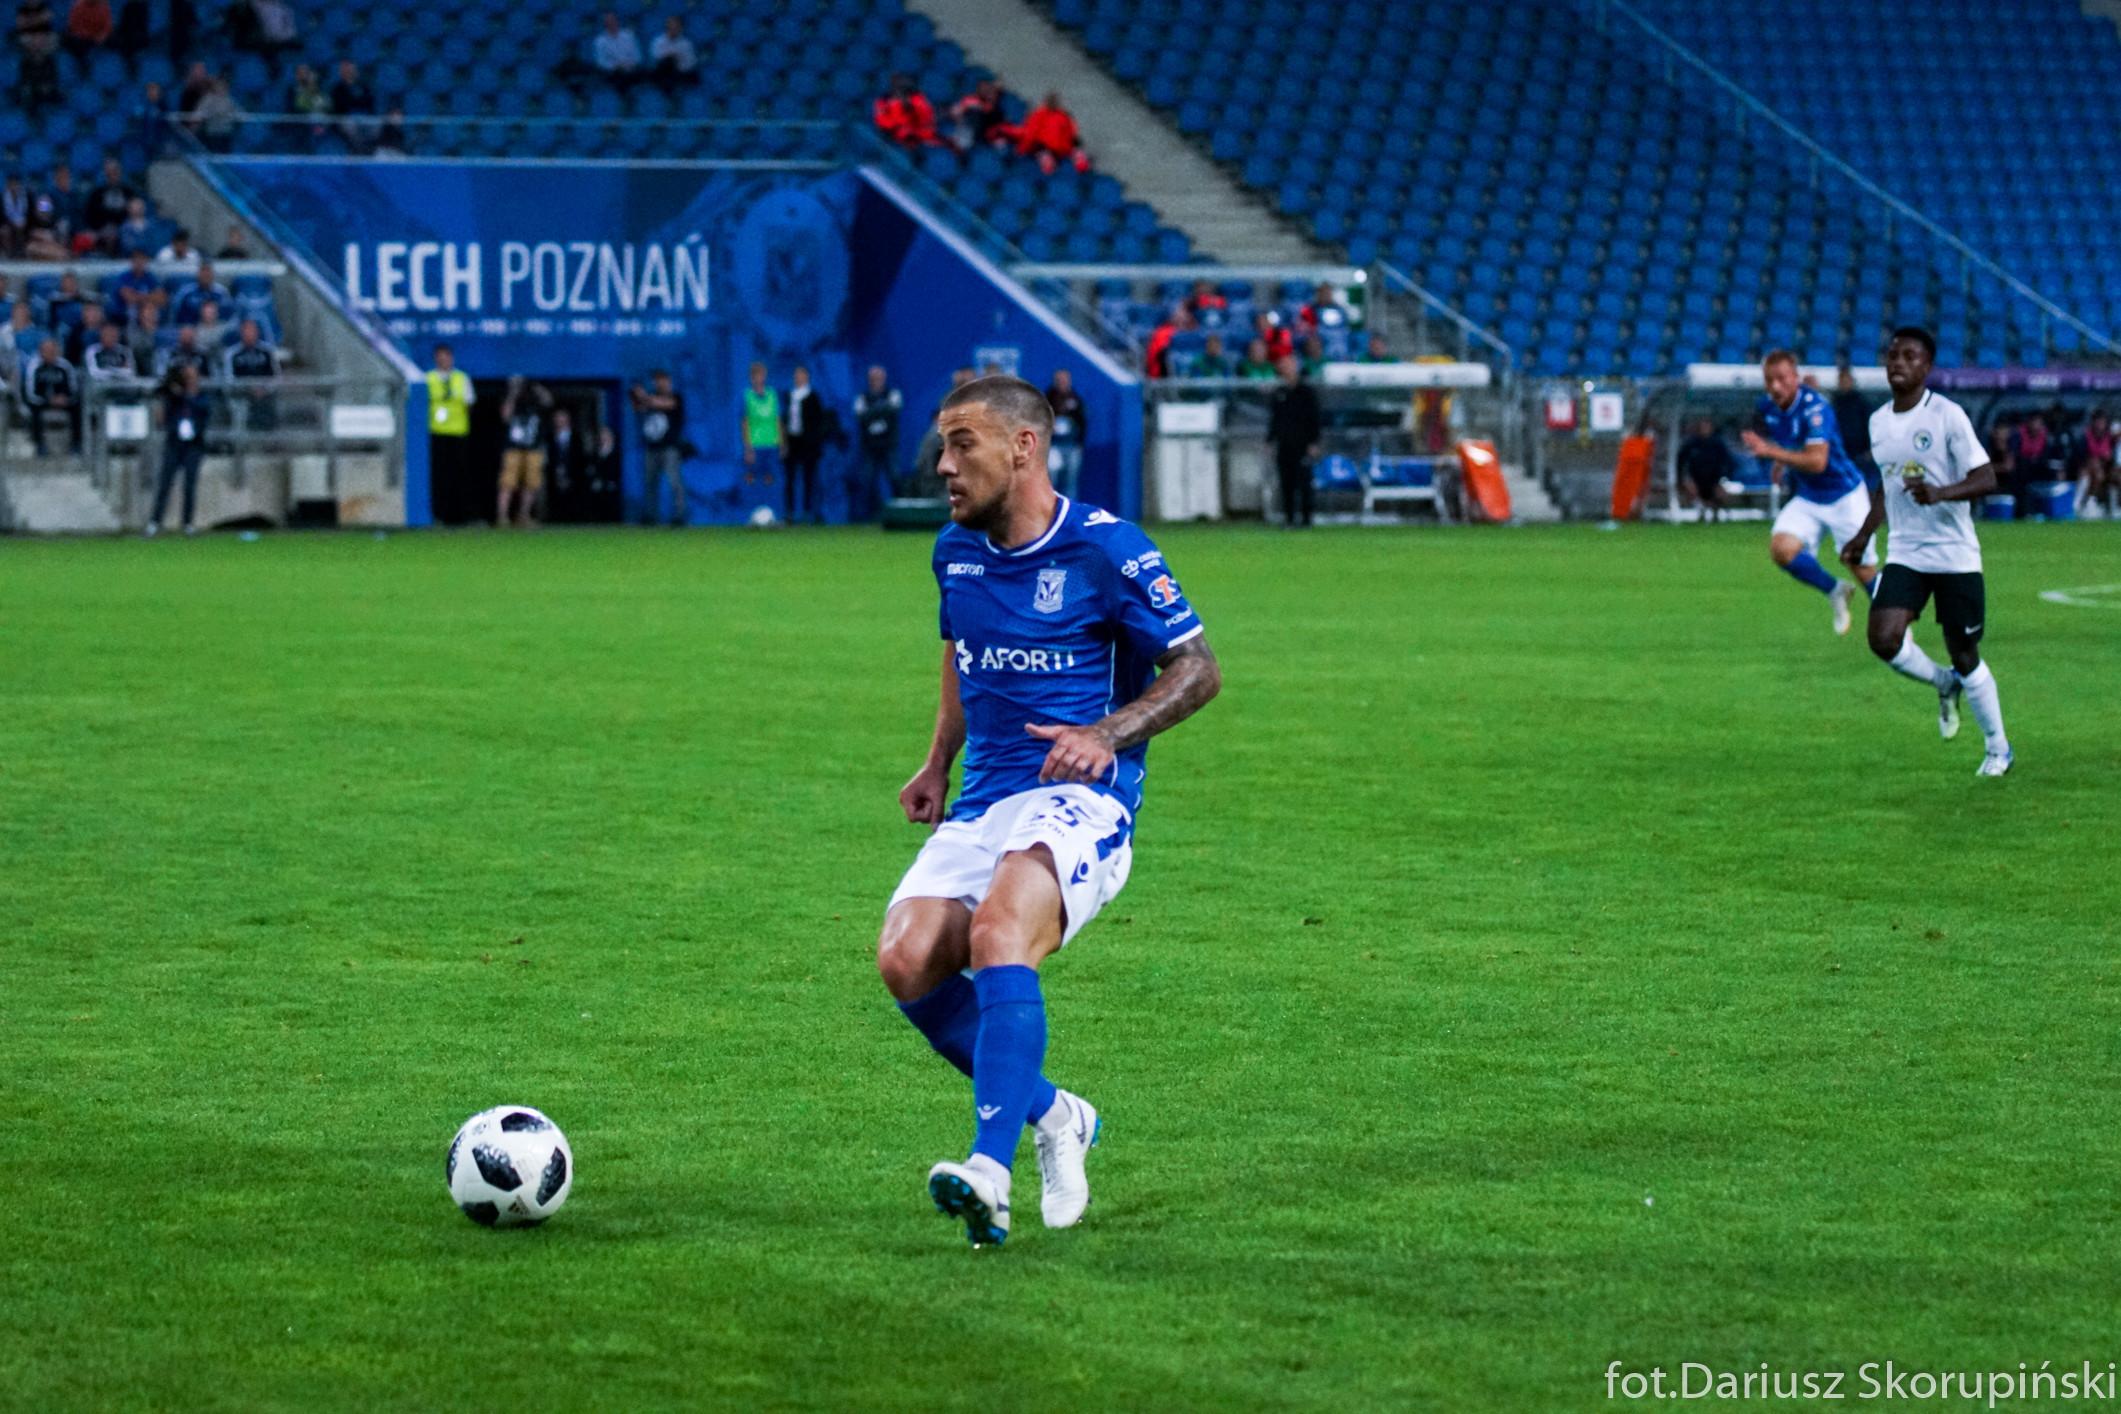 Pedro Tiba – kluczowy piłkarz Lecha Poznań